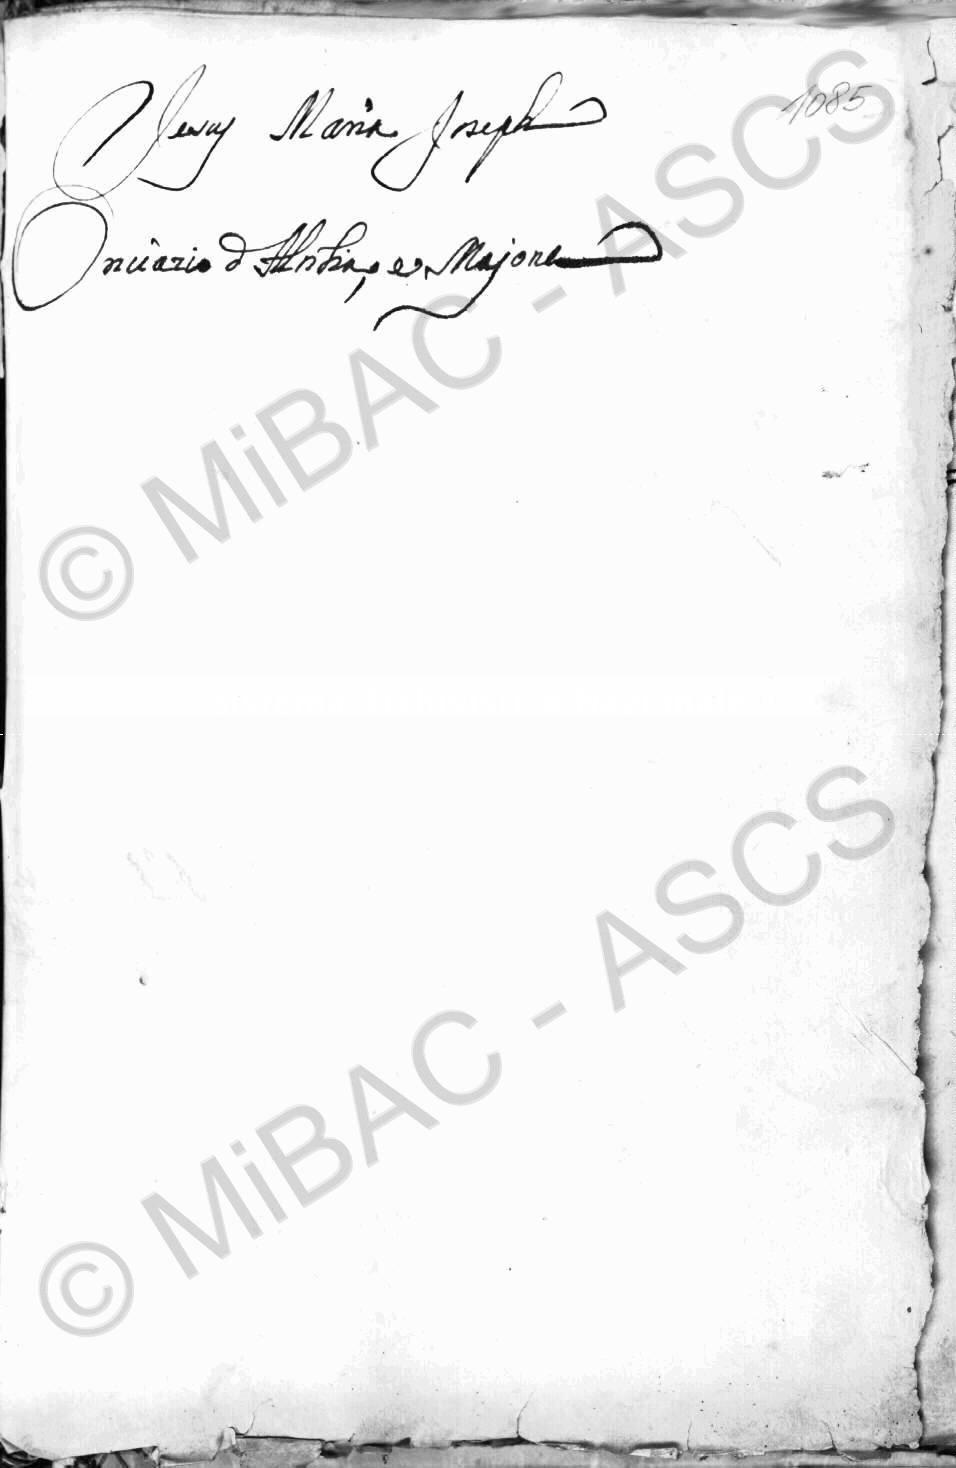 Archivio di Stato di Cosenza. Catasto Onciario Altilia